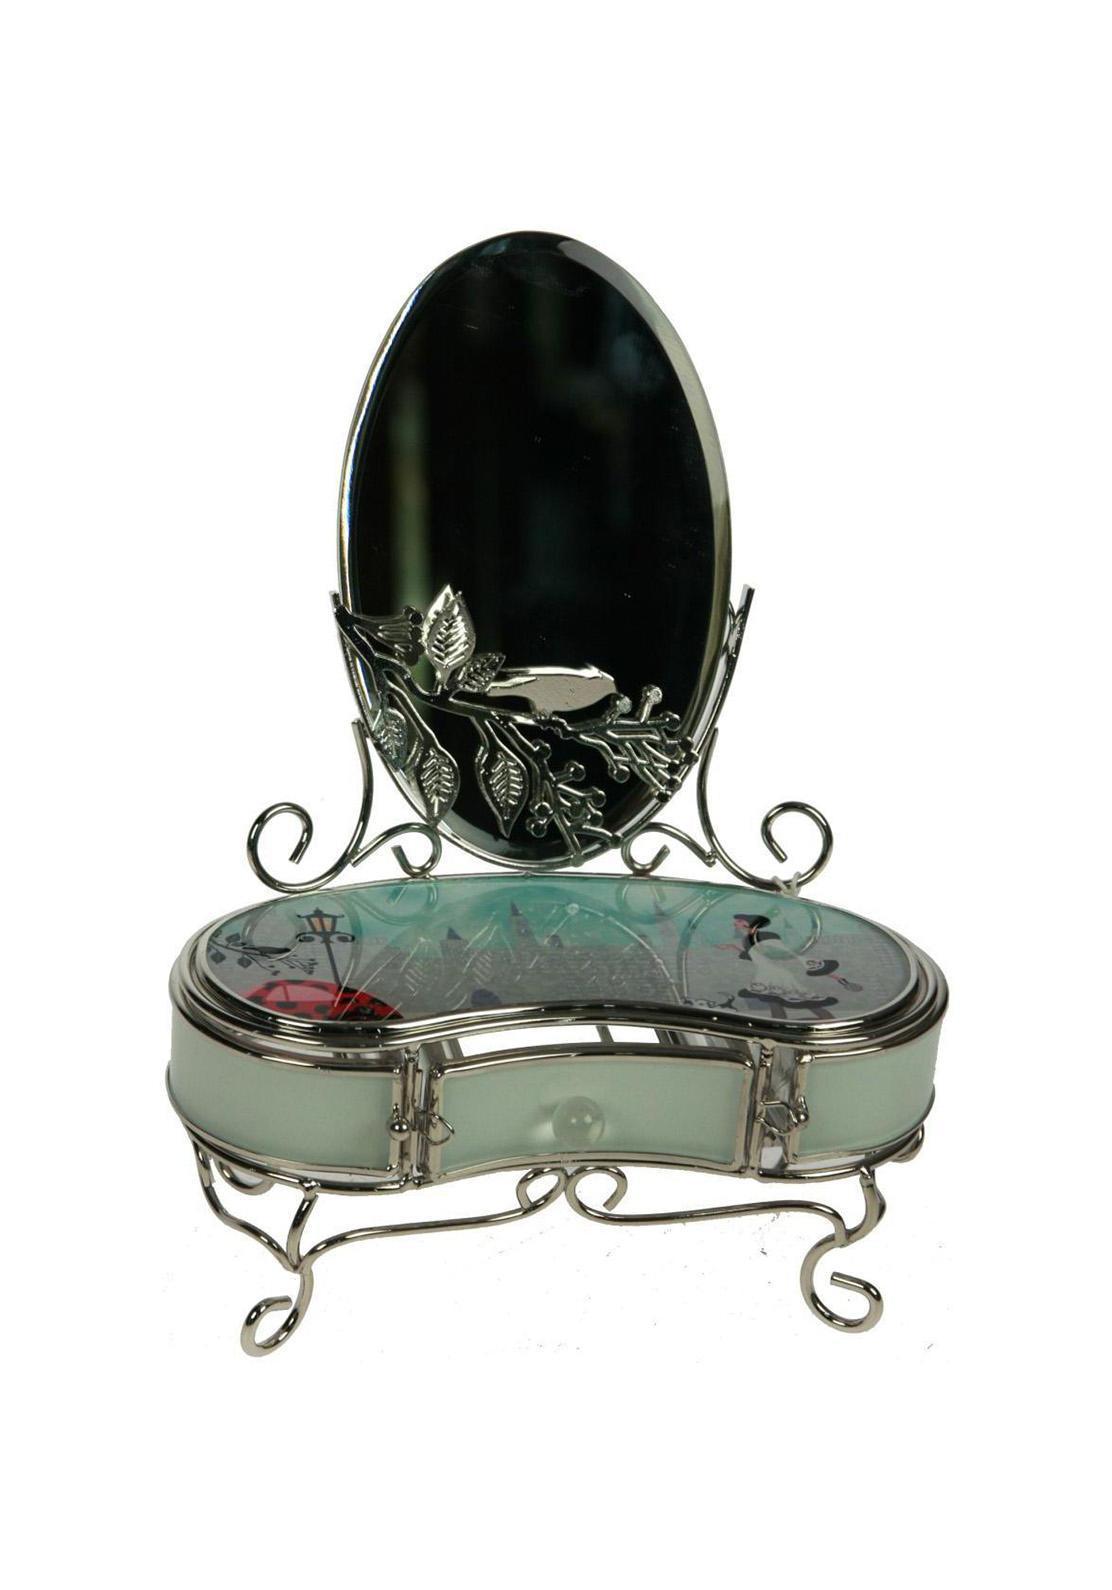 Шкатулка с зеркалом Модница564001Шкатулка Русские подарки Модница 78841 - это превосходный подарок любой женщине. Она выполнена из стекла, металла и акрила. Шкатулка сохранит ваши ювелирные изделия в первозданном виде, а также украсит комнату своим оригинальным дизайном. Материал: стекло, металл (железо, сплав олова), акрил; цвет: светло-зеленый